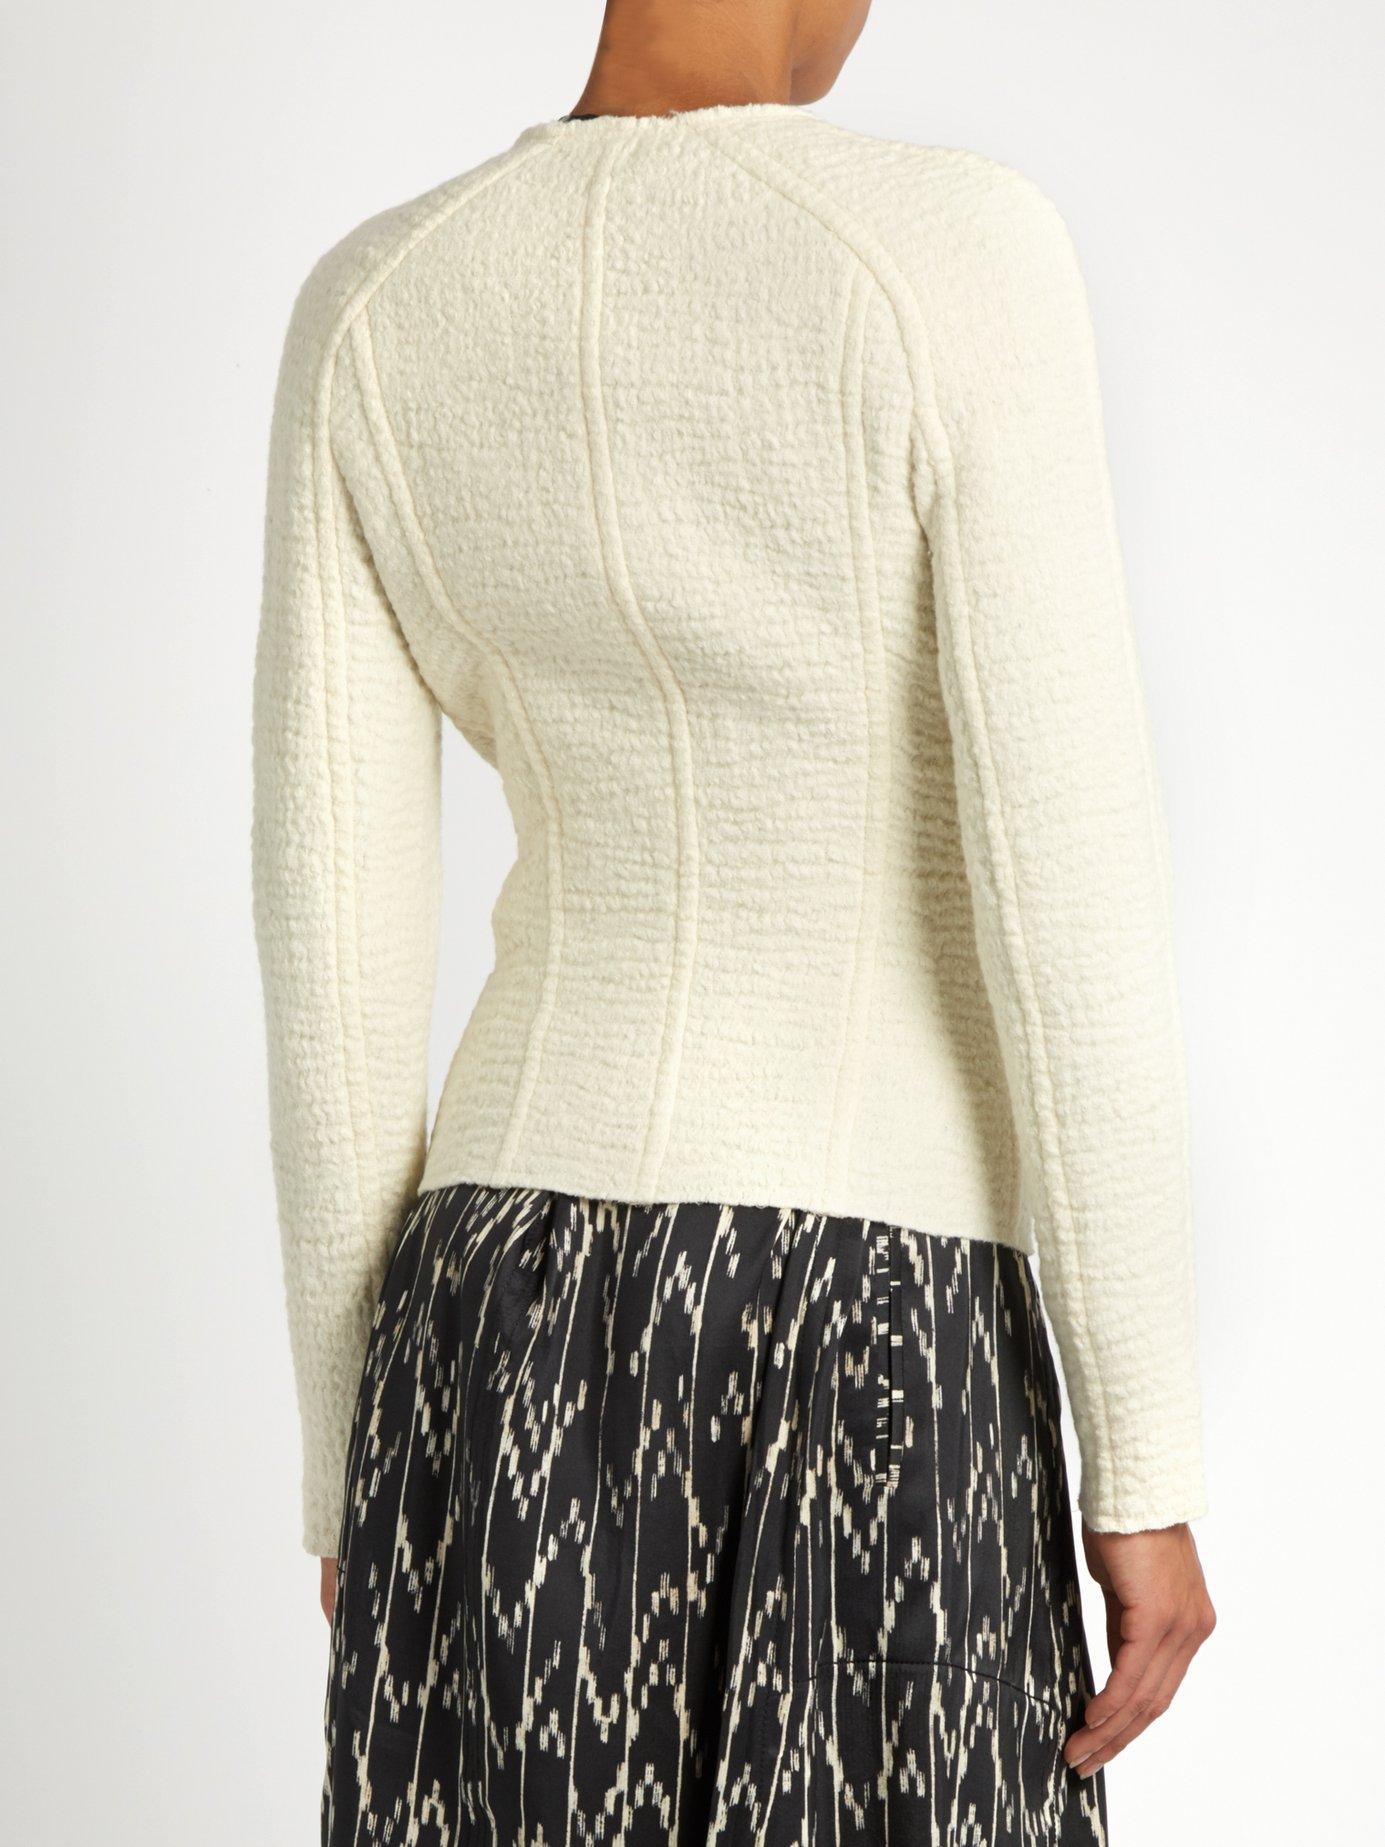 Lawrie wool jacket by Isabel Marant